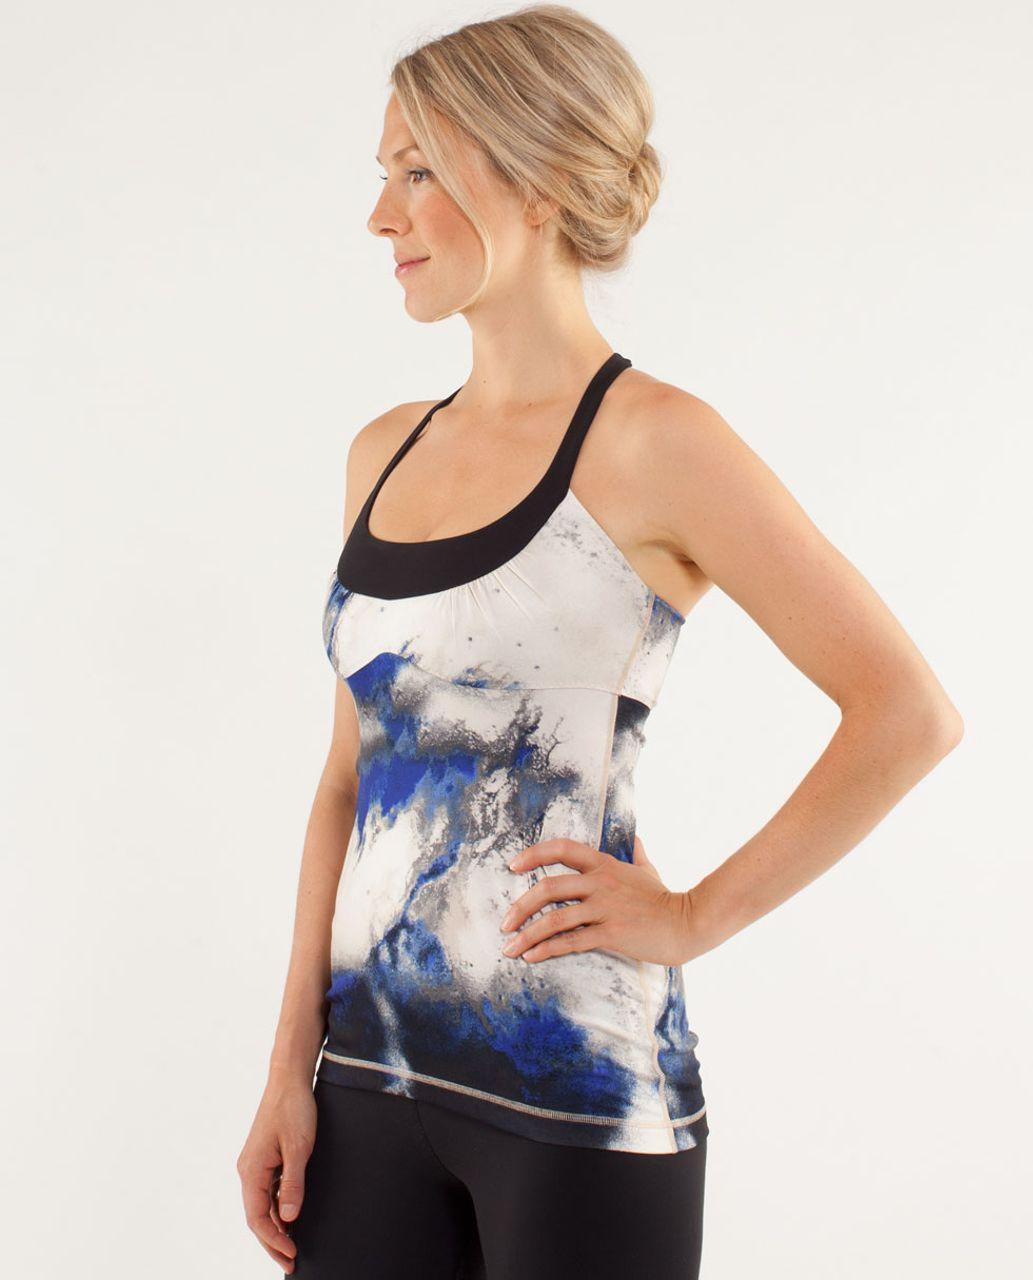 Lululemon Scoop Me Up Tank - Milky Way Multi Print / Black